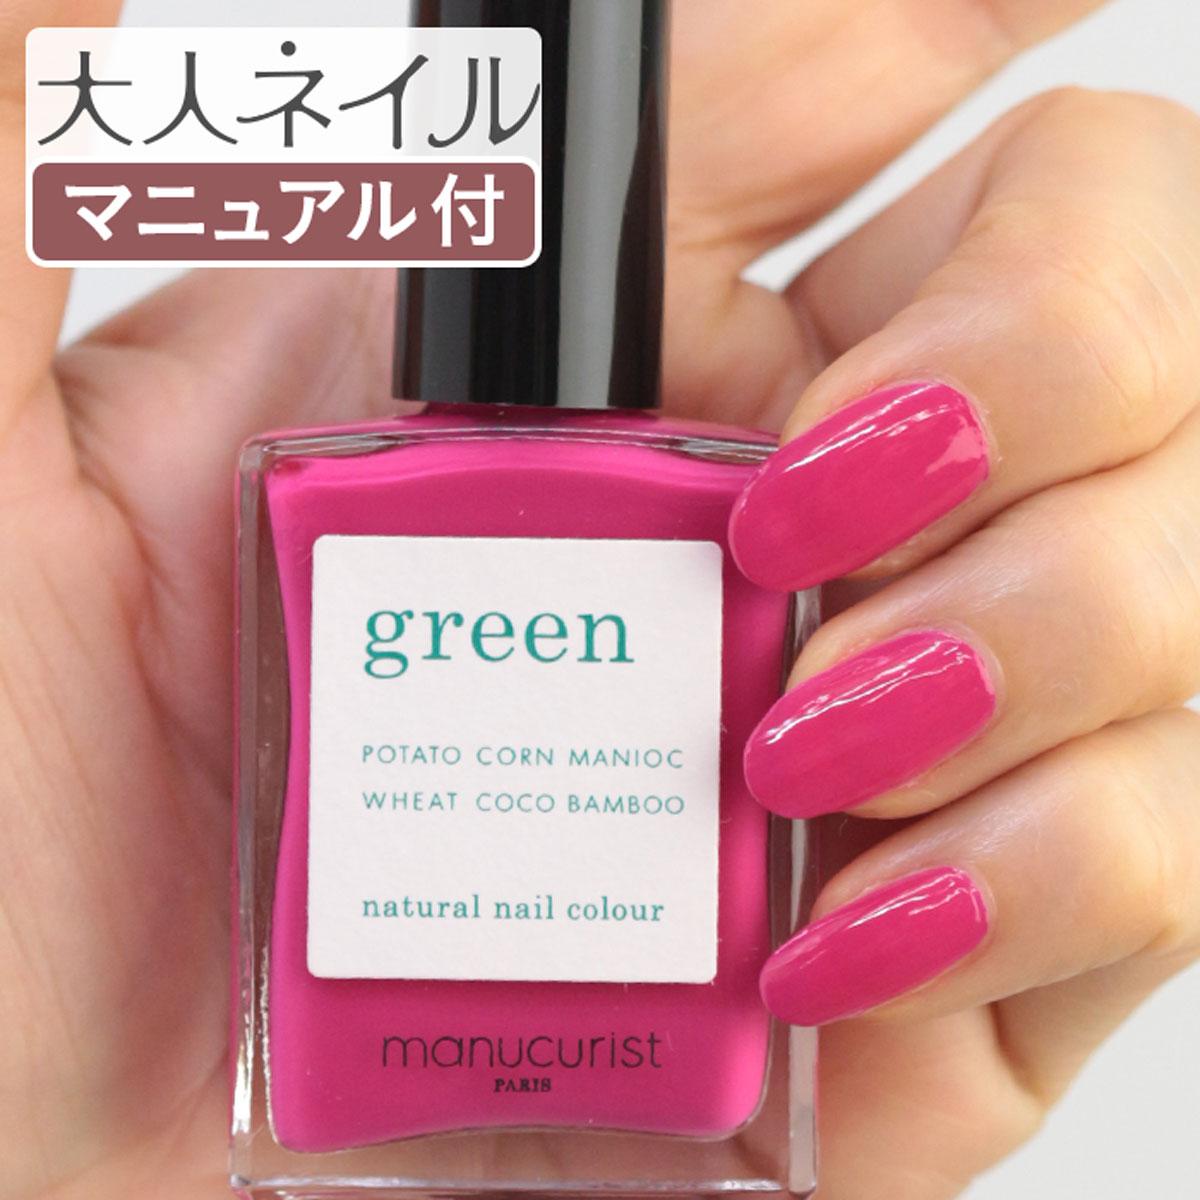 green グリーン ナチュラルネイルカラー フューシャ 31010 15ml 爪にやさしい マニキュア セルフネイル 濃いピンク ビビット 夏カラー 夏ネイル ペディキュア